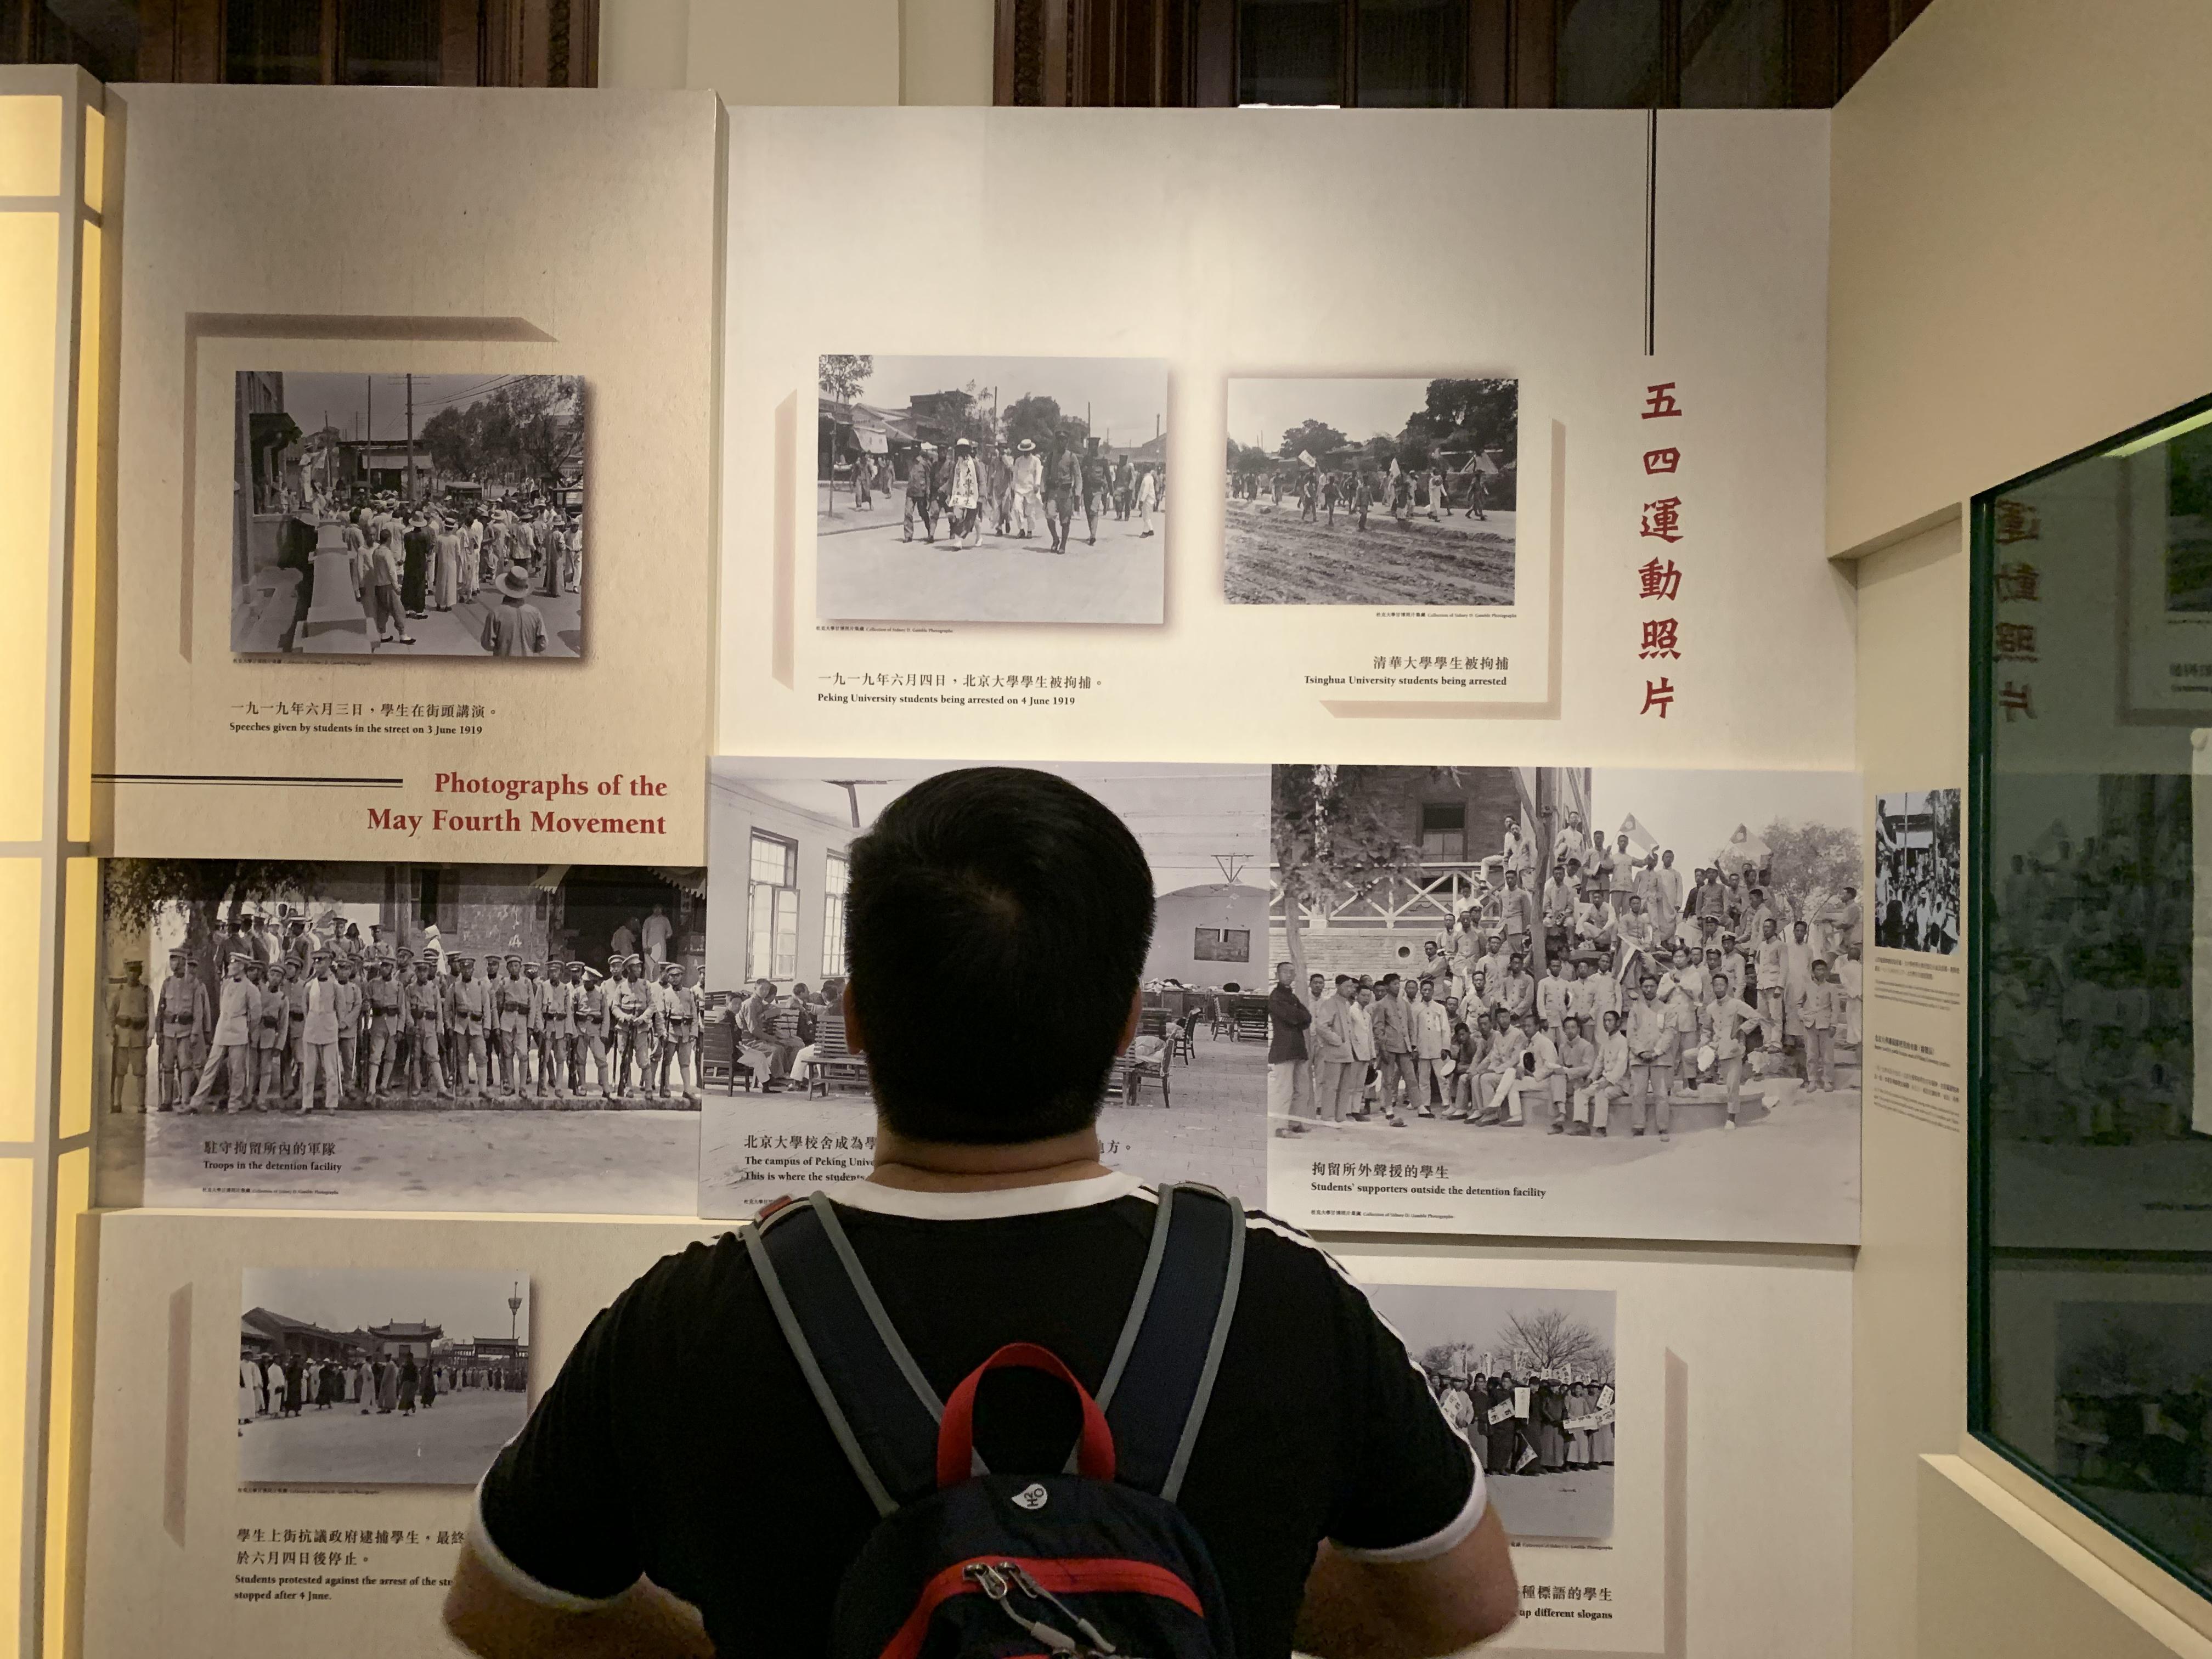 A visitor visits a May Fourth Movement exhibition in Hong Kong, May 3, 2019.